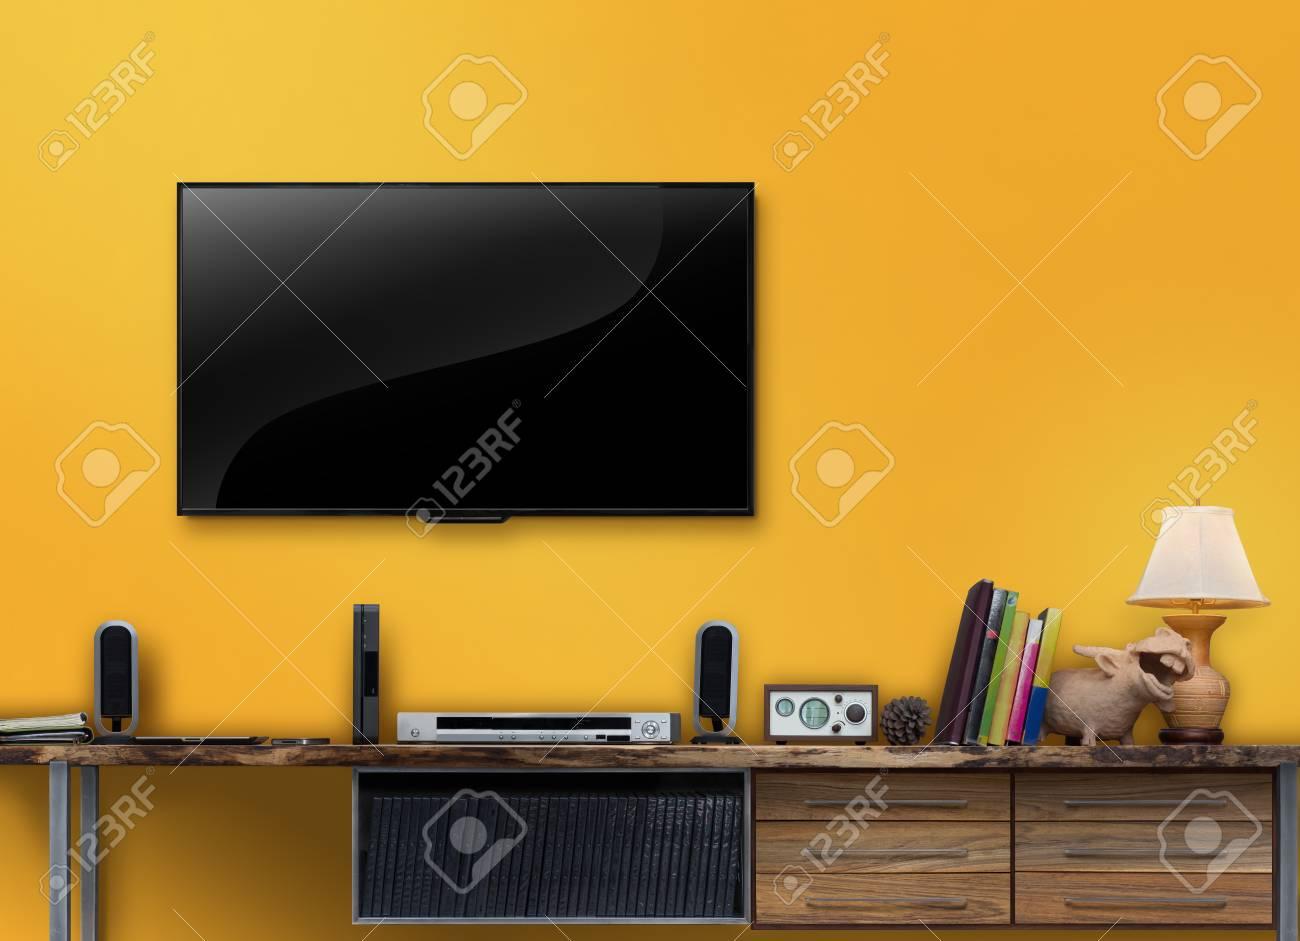 banque d images led tv meuble multimedia en bois avec mur jaune dans le salon